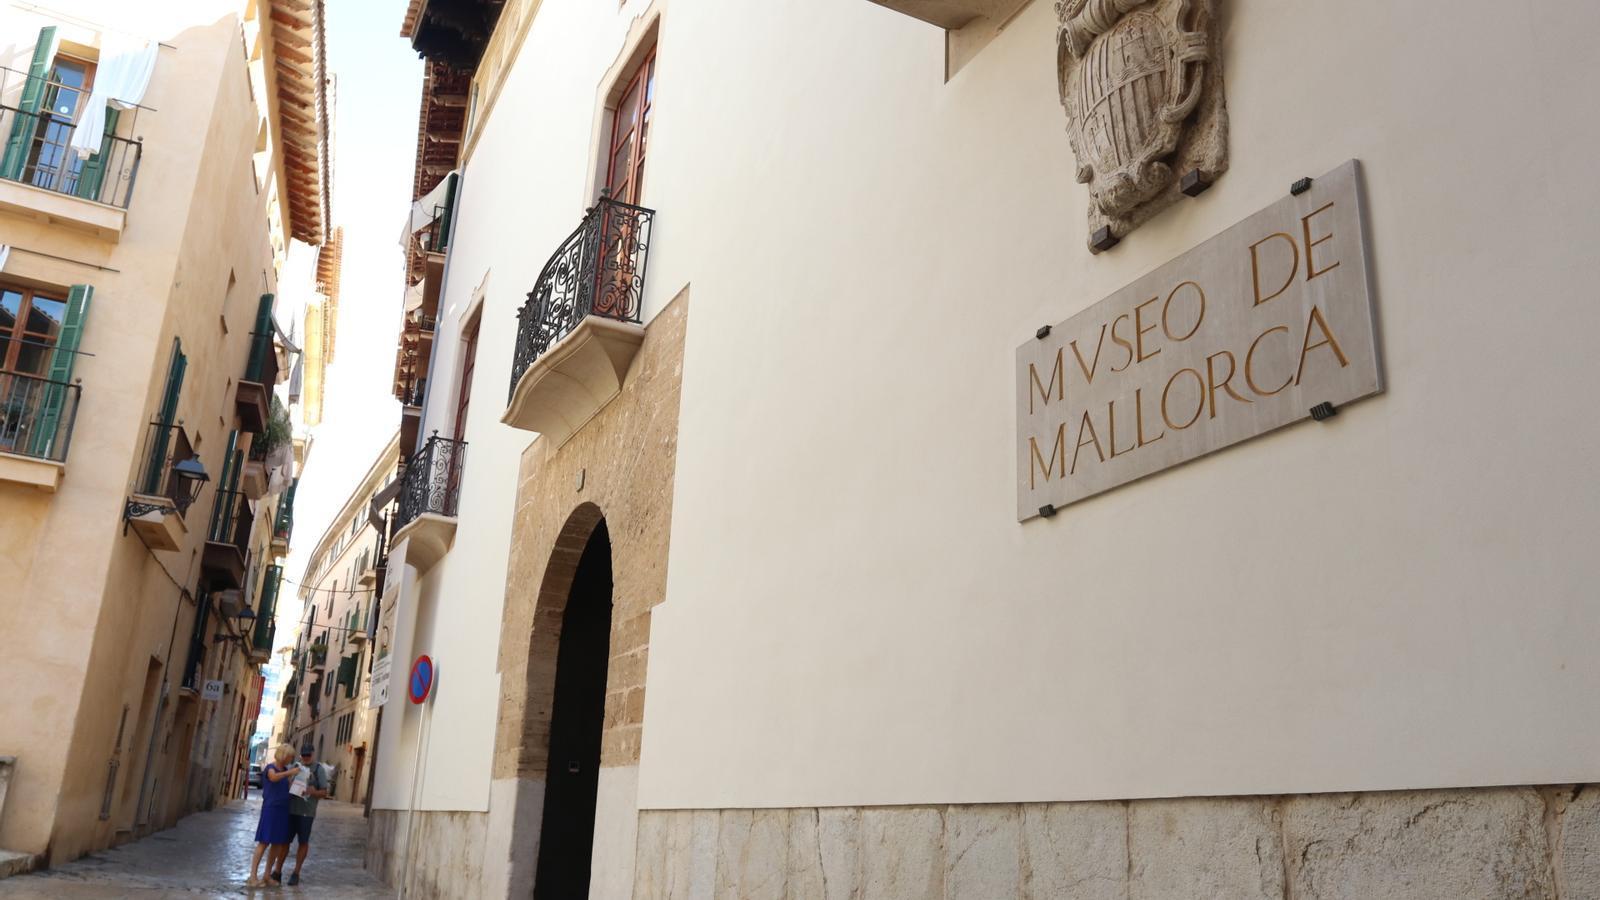 Els arqueòlegs denuncien 'deixadesa de les seves funcions' al Museu de Mallorca